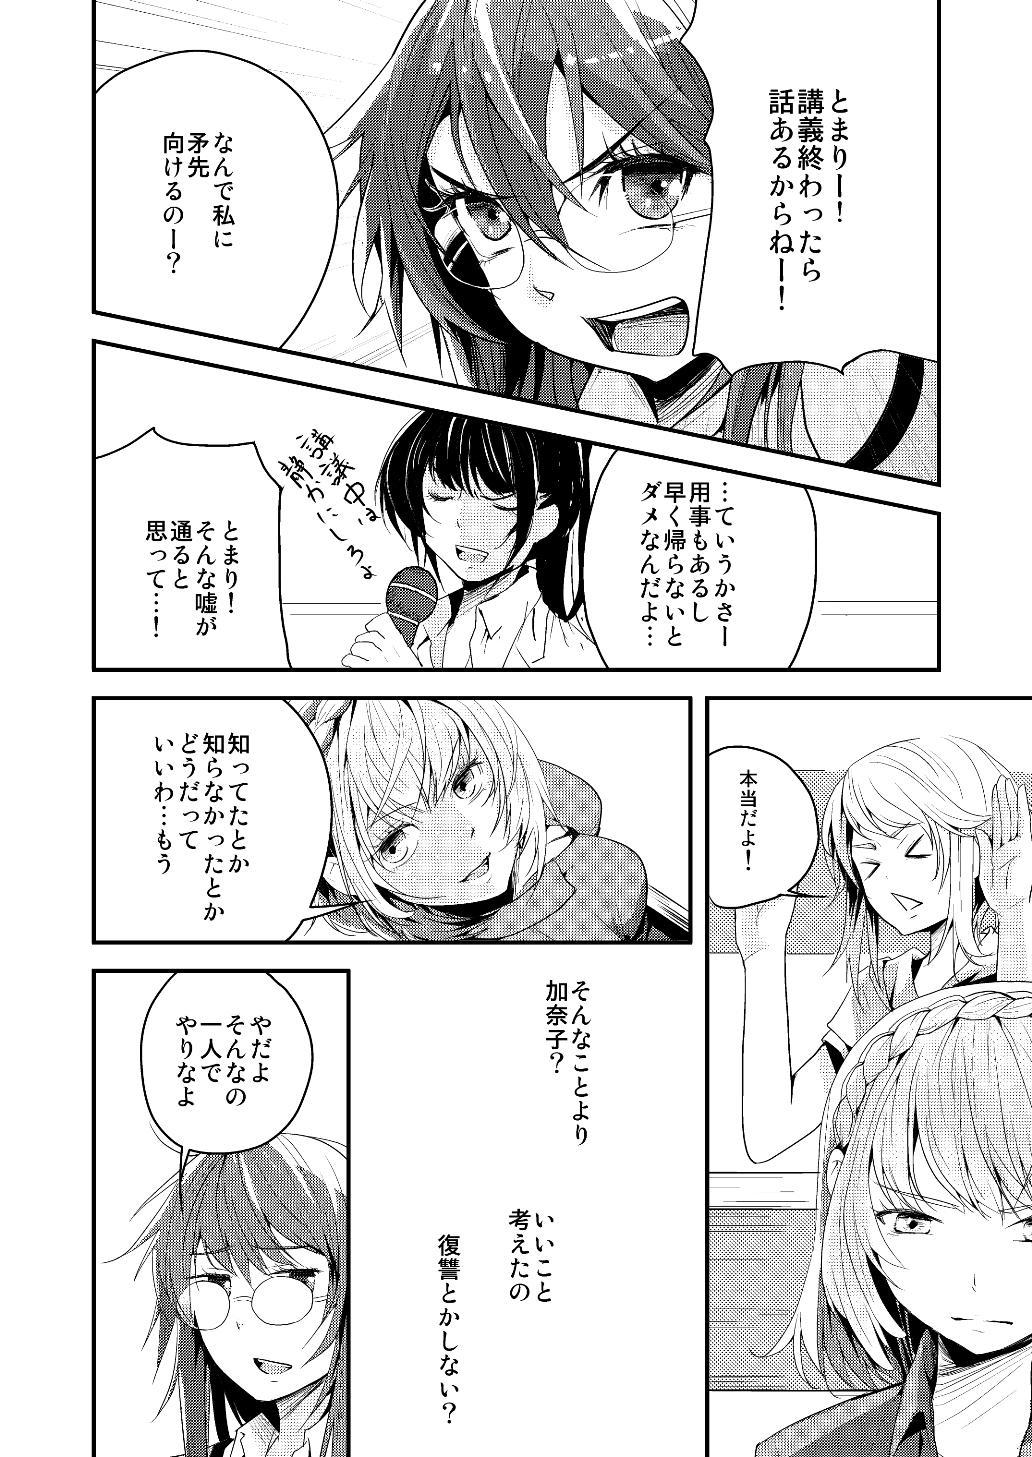 Yakusoku no Sora to Kimigaita Basho 1 ~ 2 47